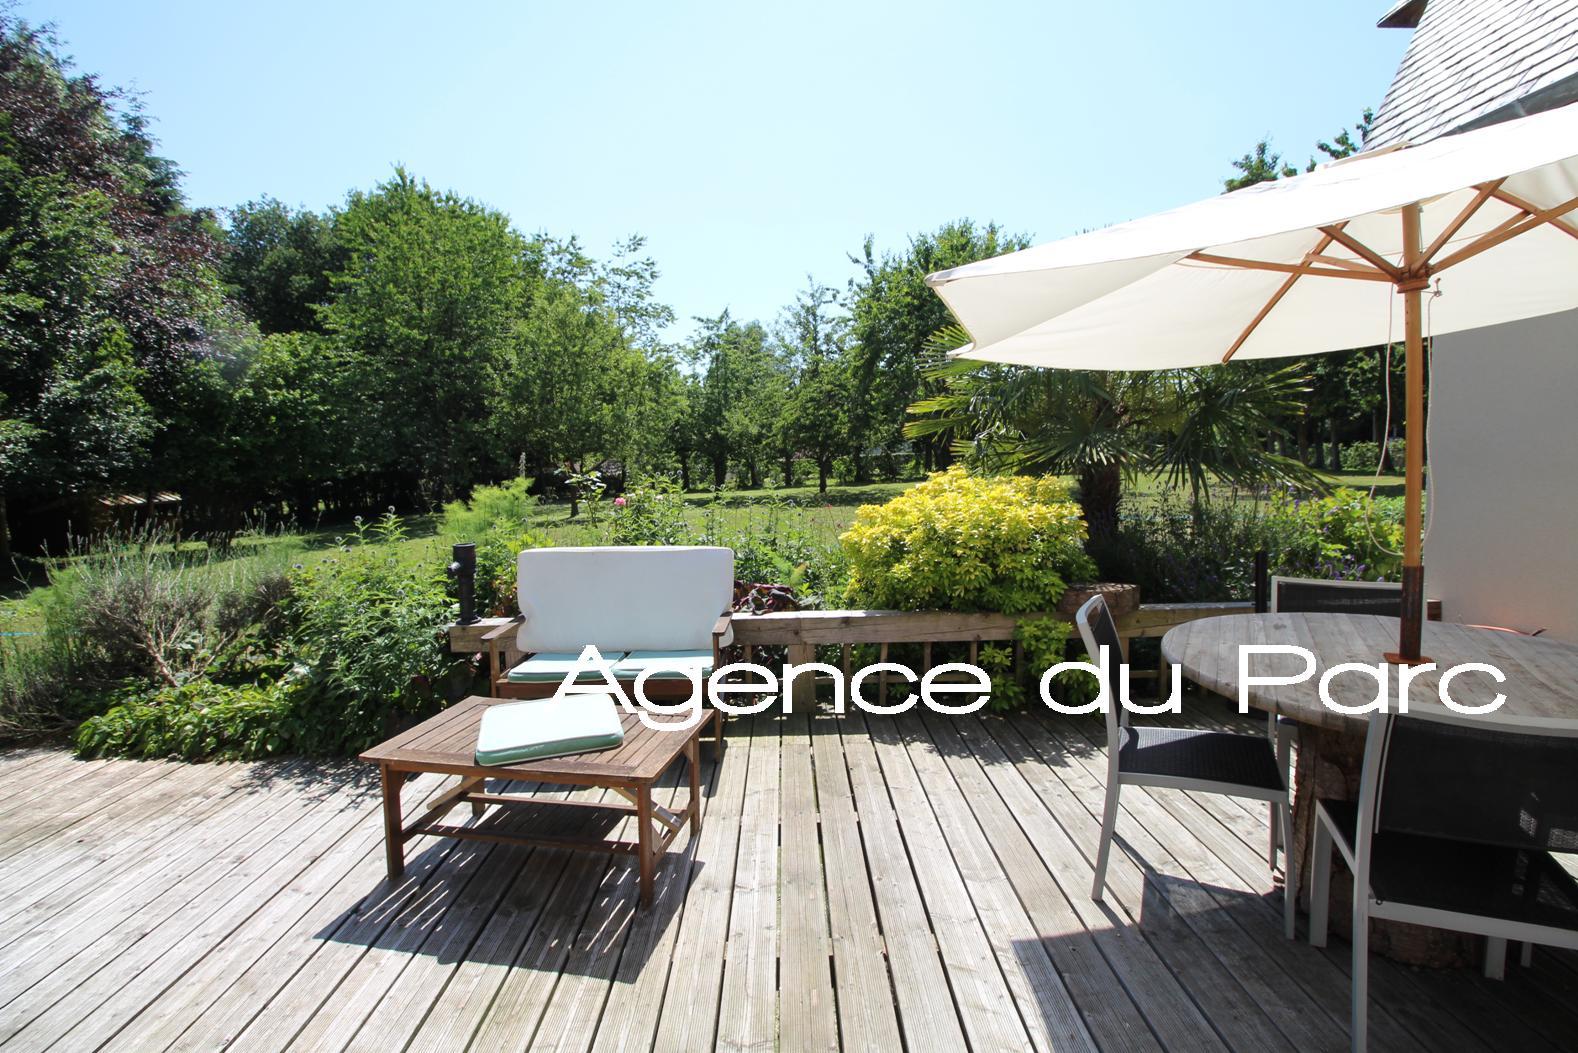 Acheter vente d 39 une maison contemporaine aux beaux volumes for Agence immobiliere en vente